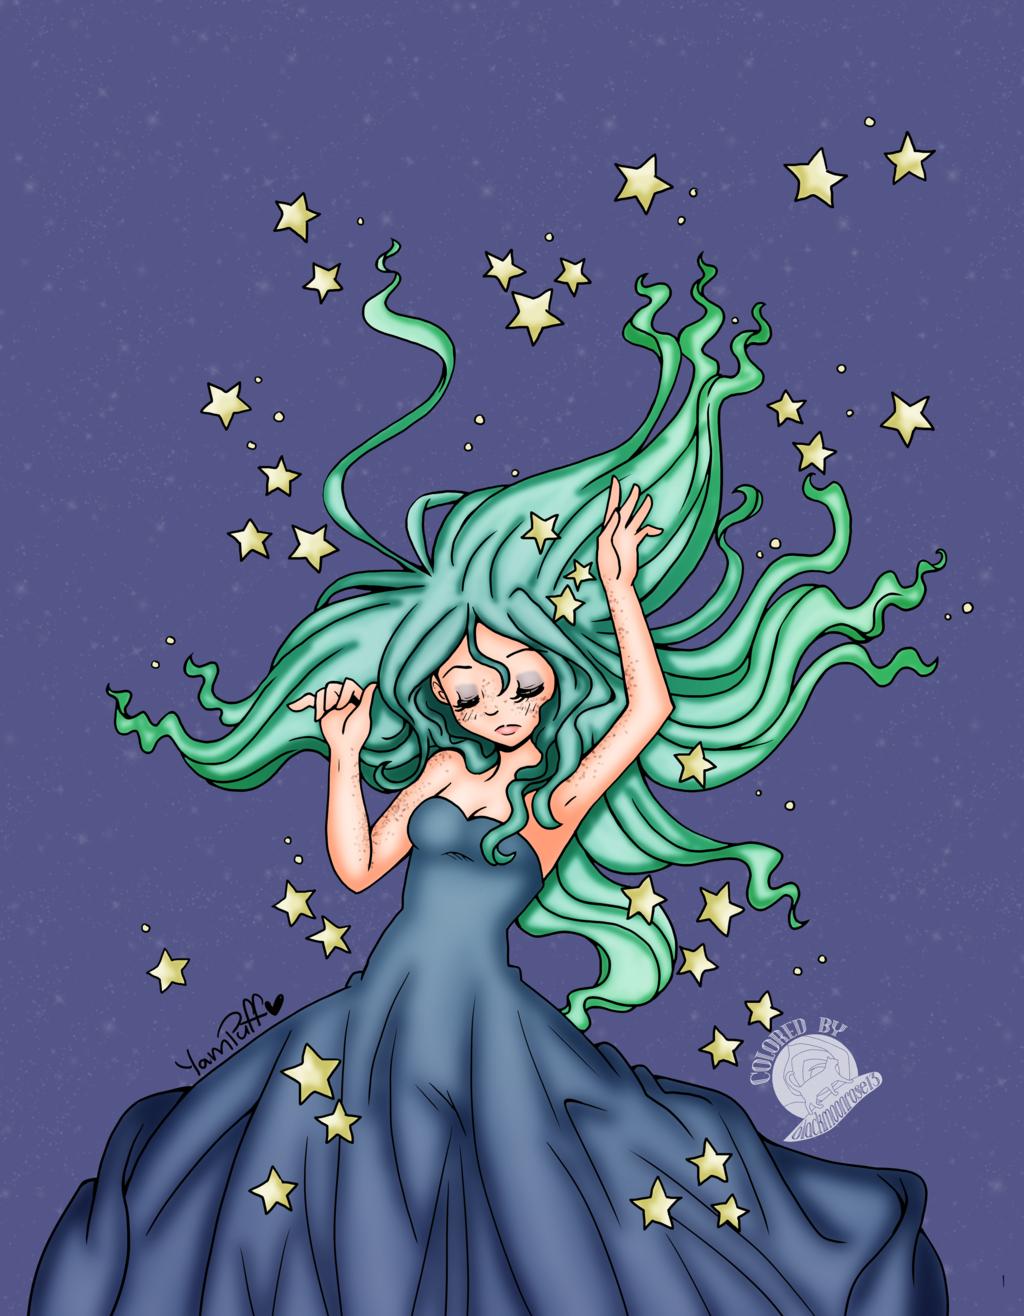 Galaxy Dreams